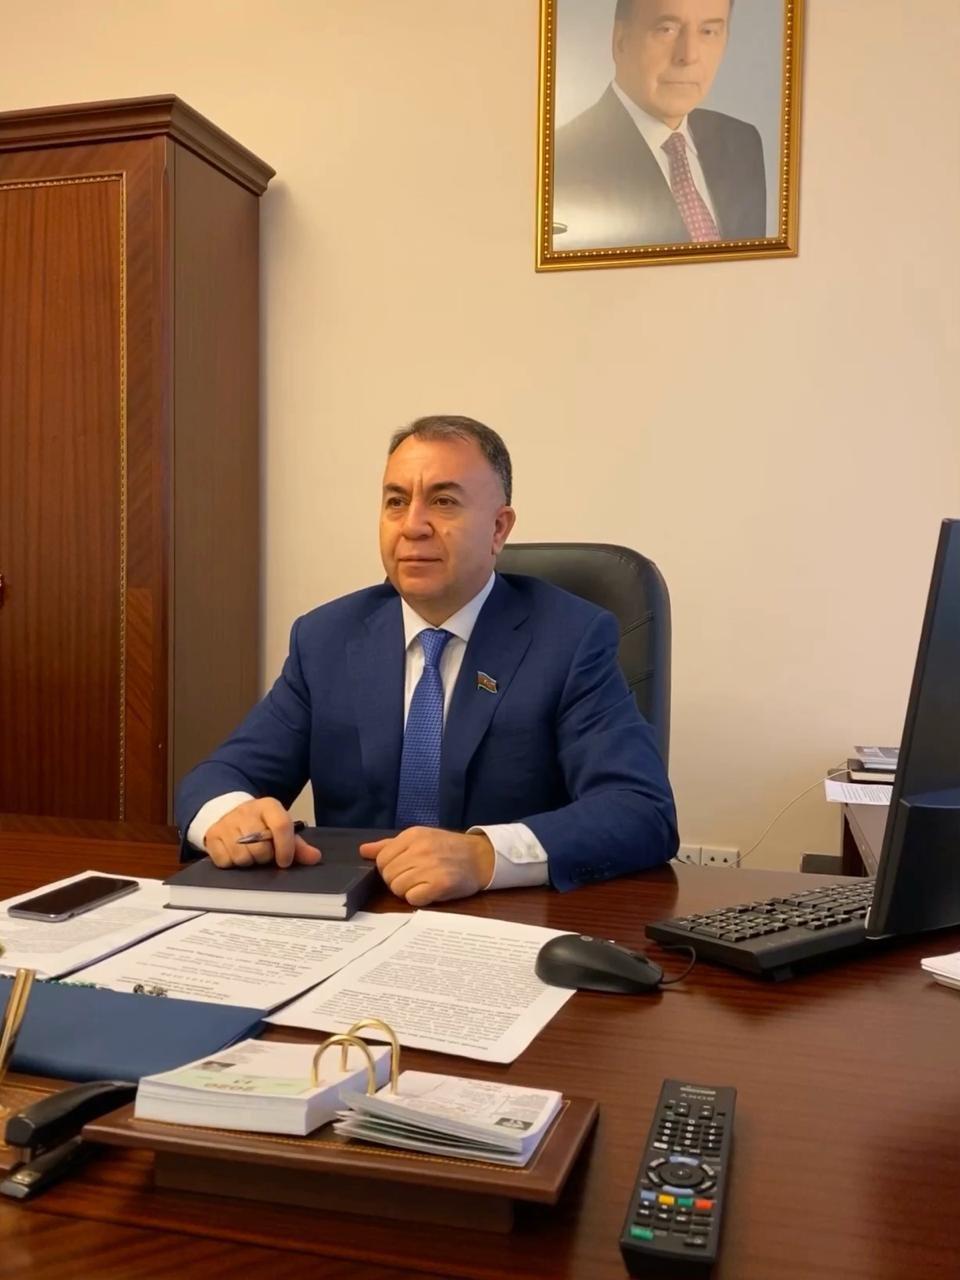 Azərbaycan artıq dünyada söz sahibi olan ölkədir - Sadiq Qurbanov